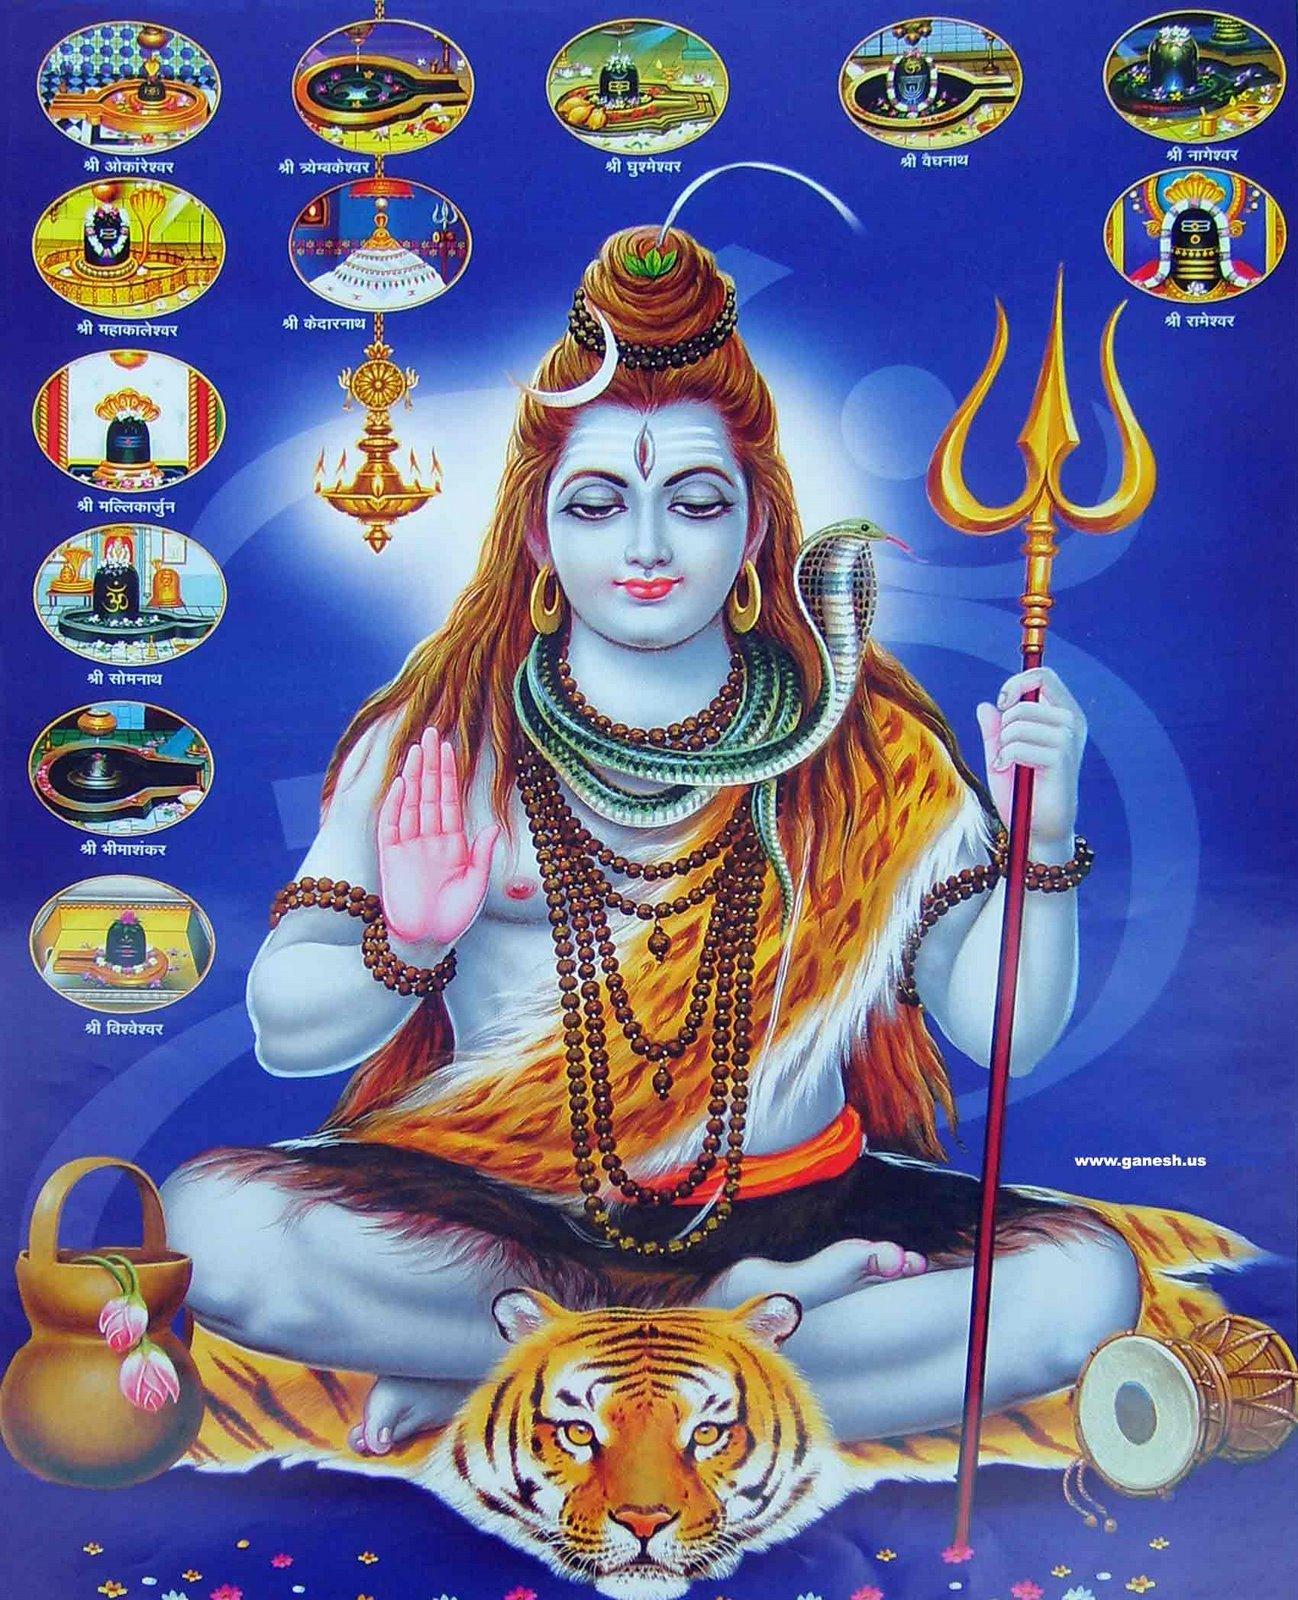 Wallpaper: Wallpaper Rudra Shiva